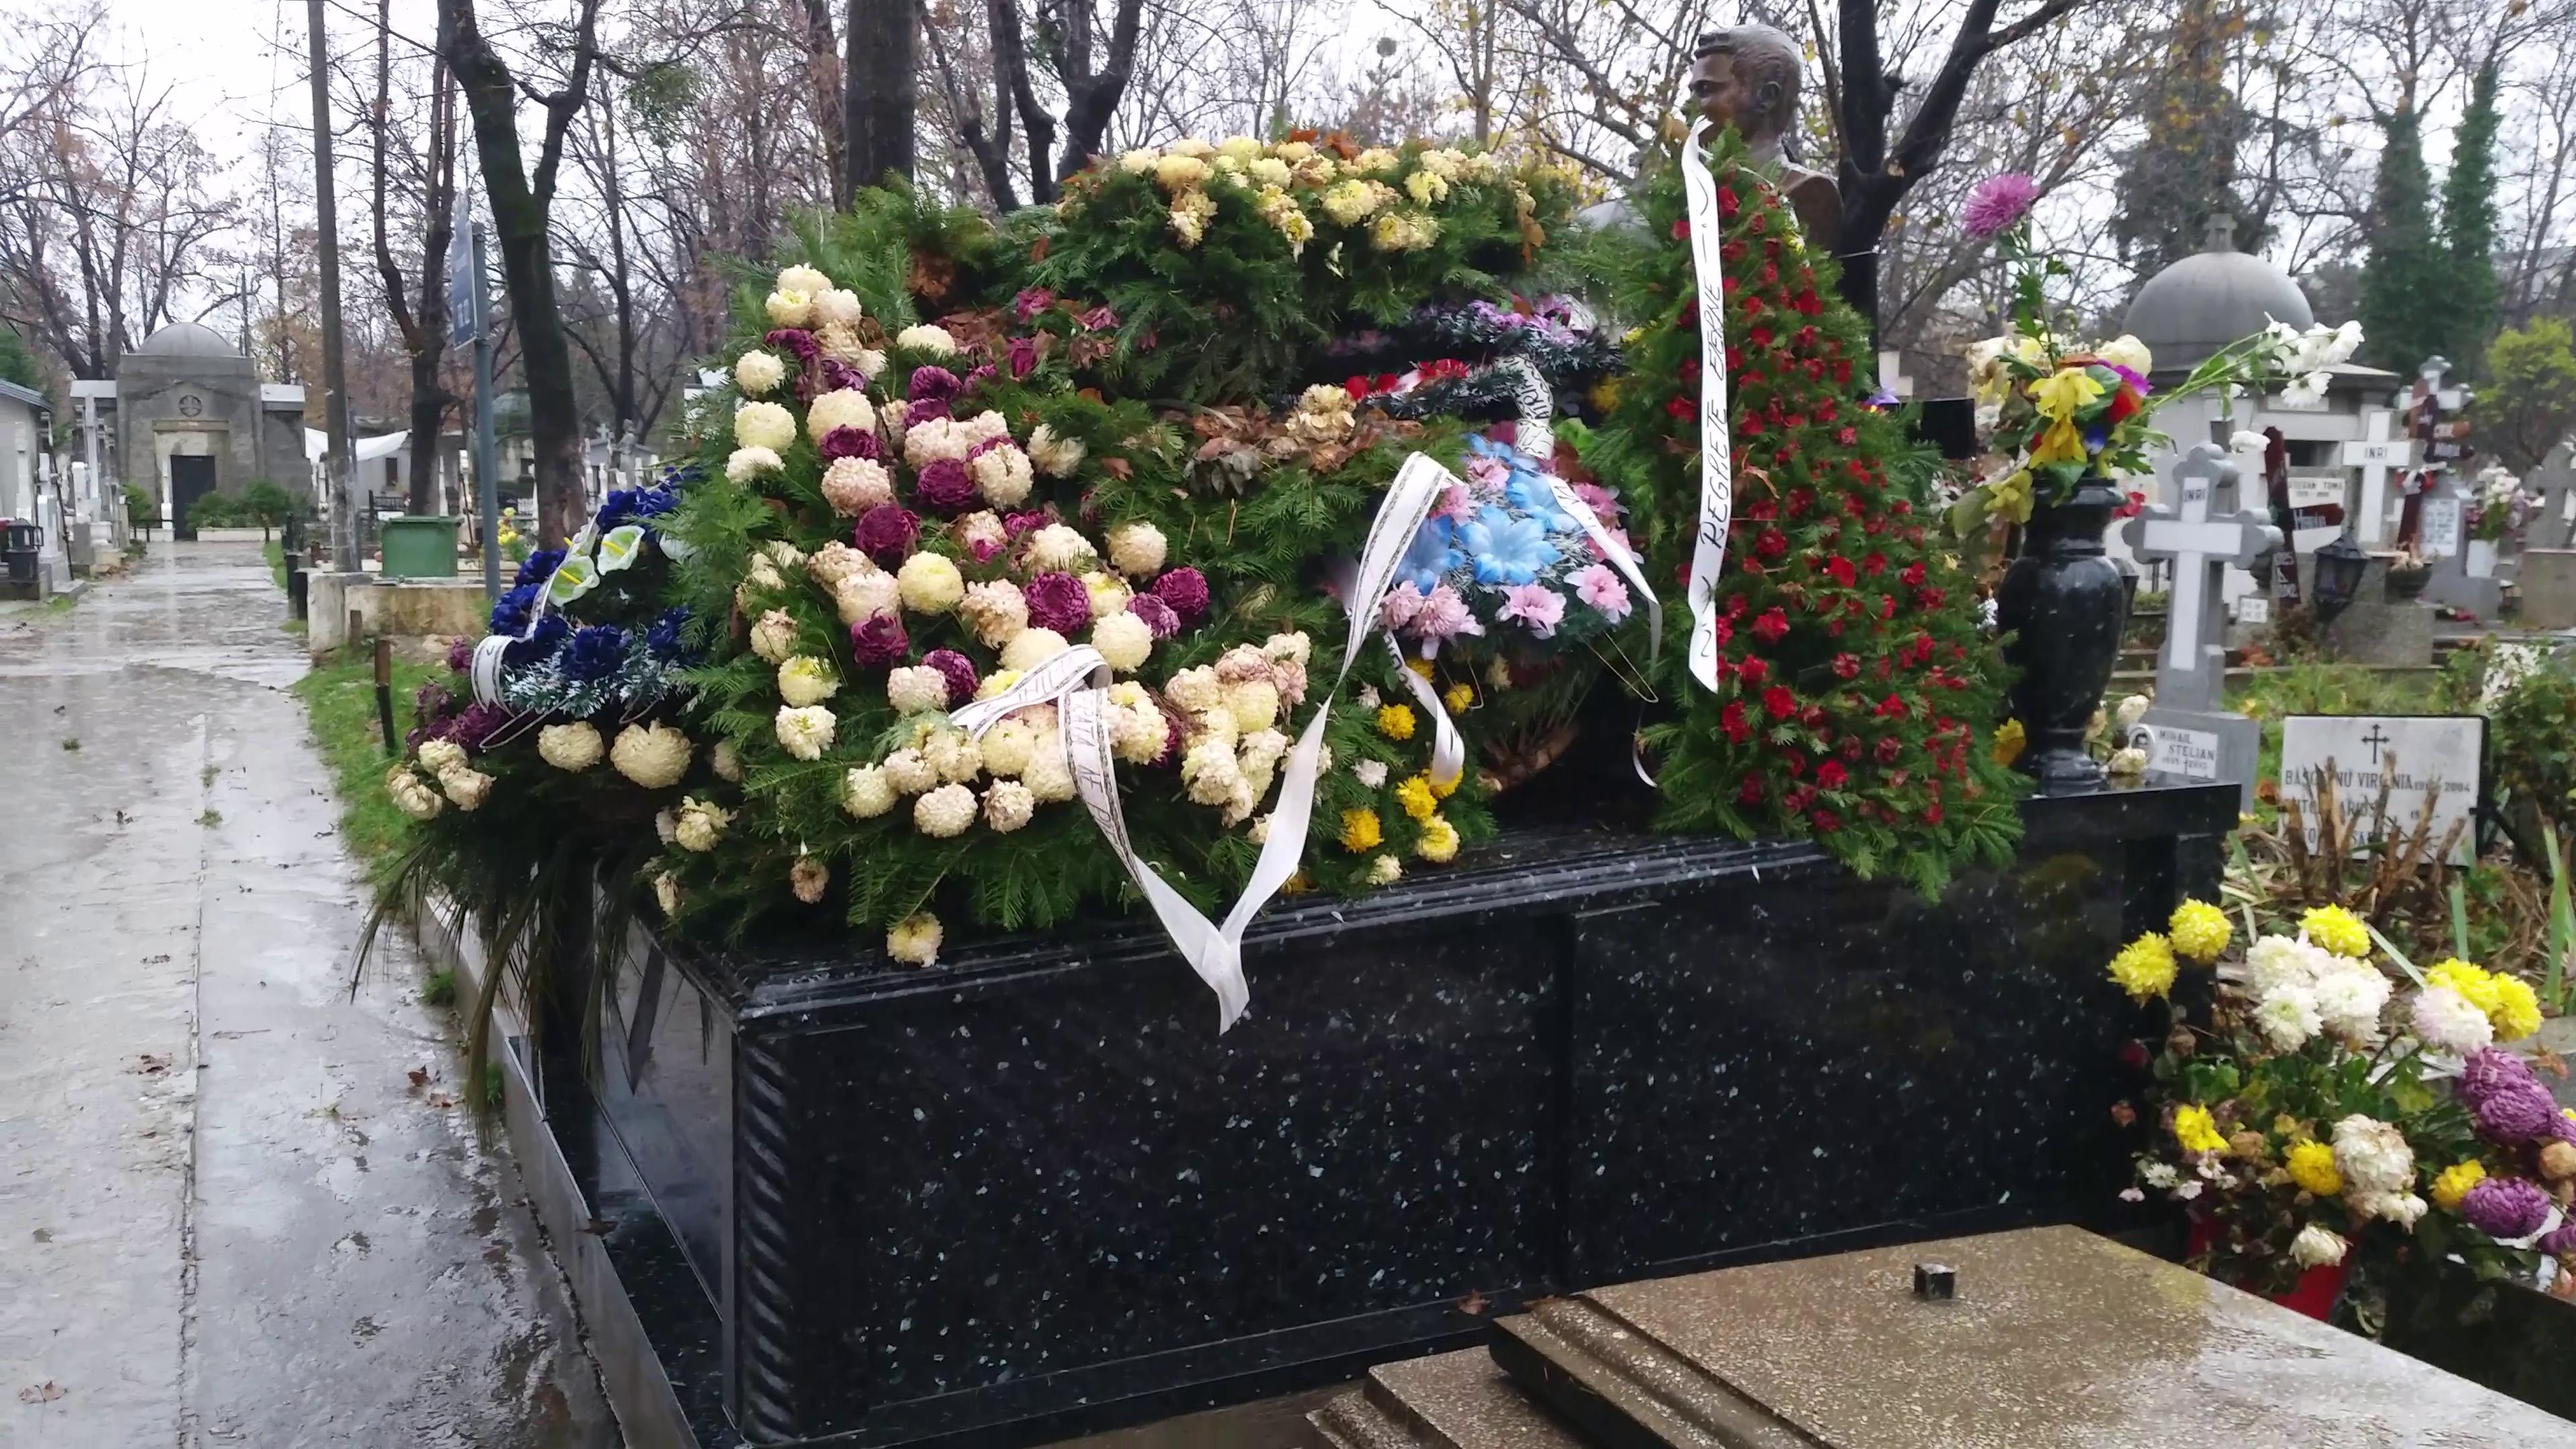 Mormantul unde isi doarme somnul cel de veci Ion Dolanescu si mama acestuia, Didina, a ramas neschimbat de la inmormantarea femeii